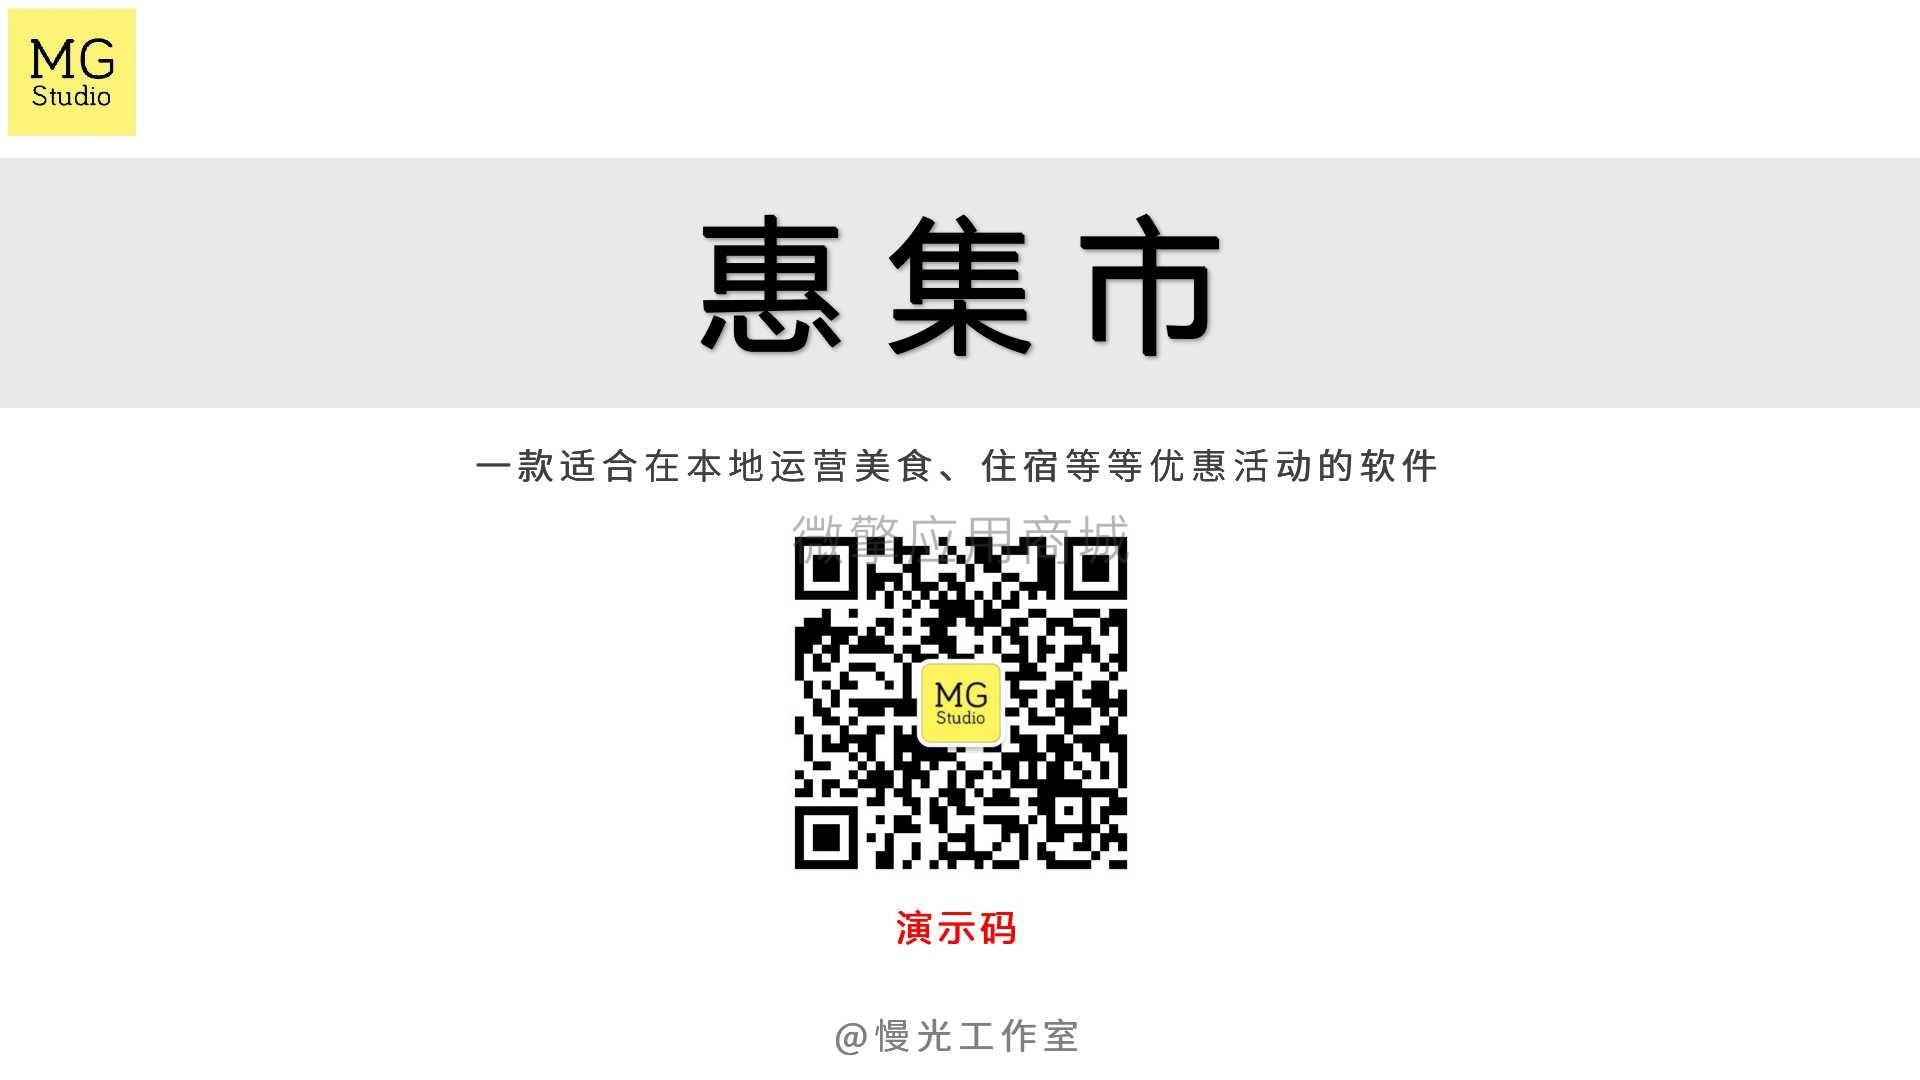 产品介绍_pages-to-jpg-0021.jpg